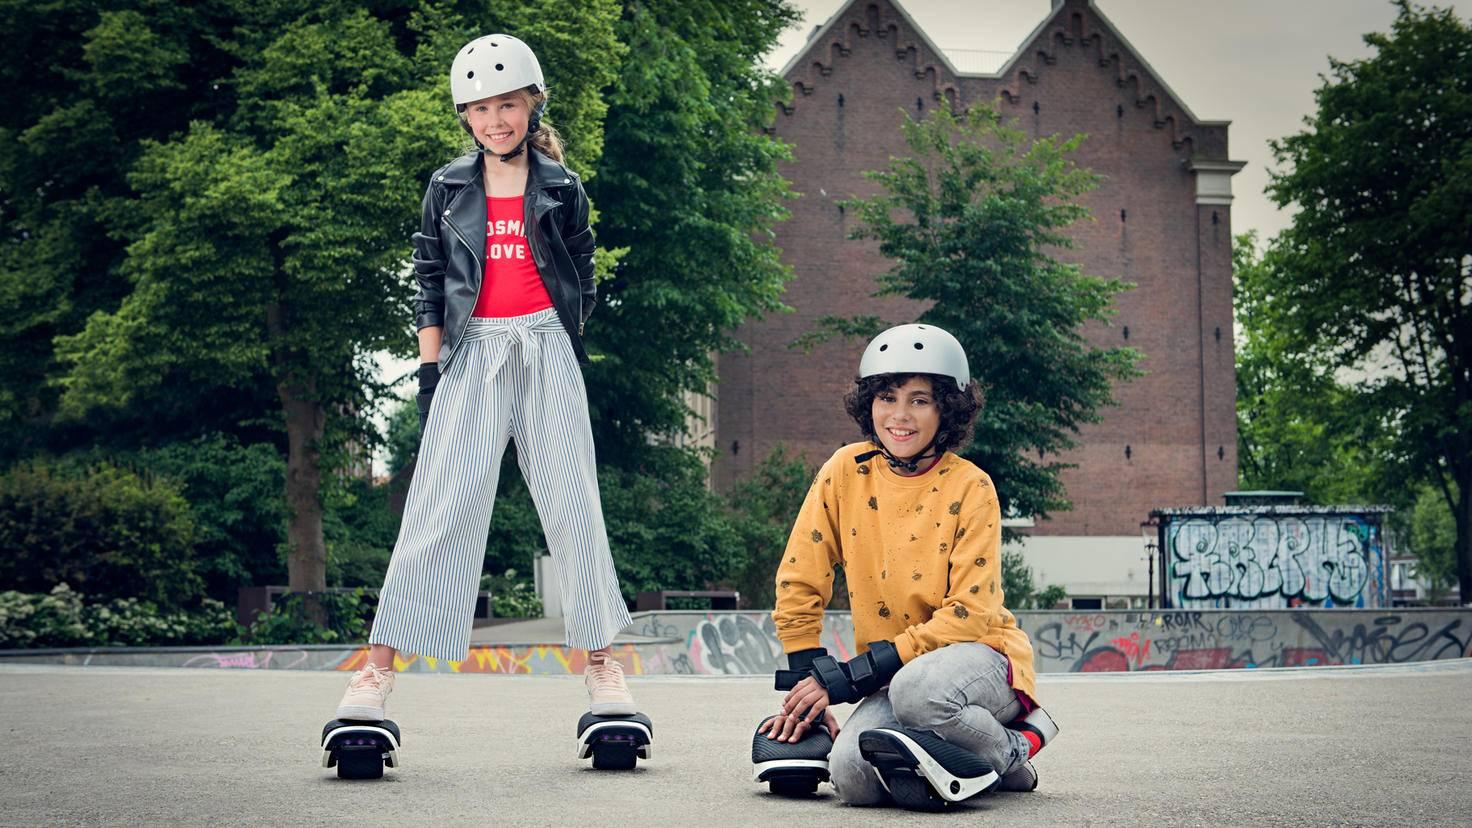 Auch Kinder können sich an den E-Skates ausprobieren.